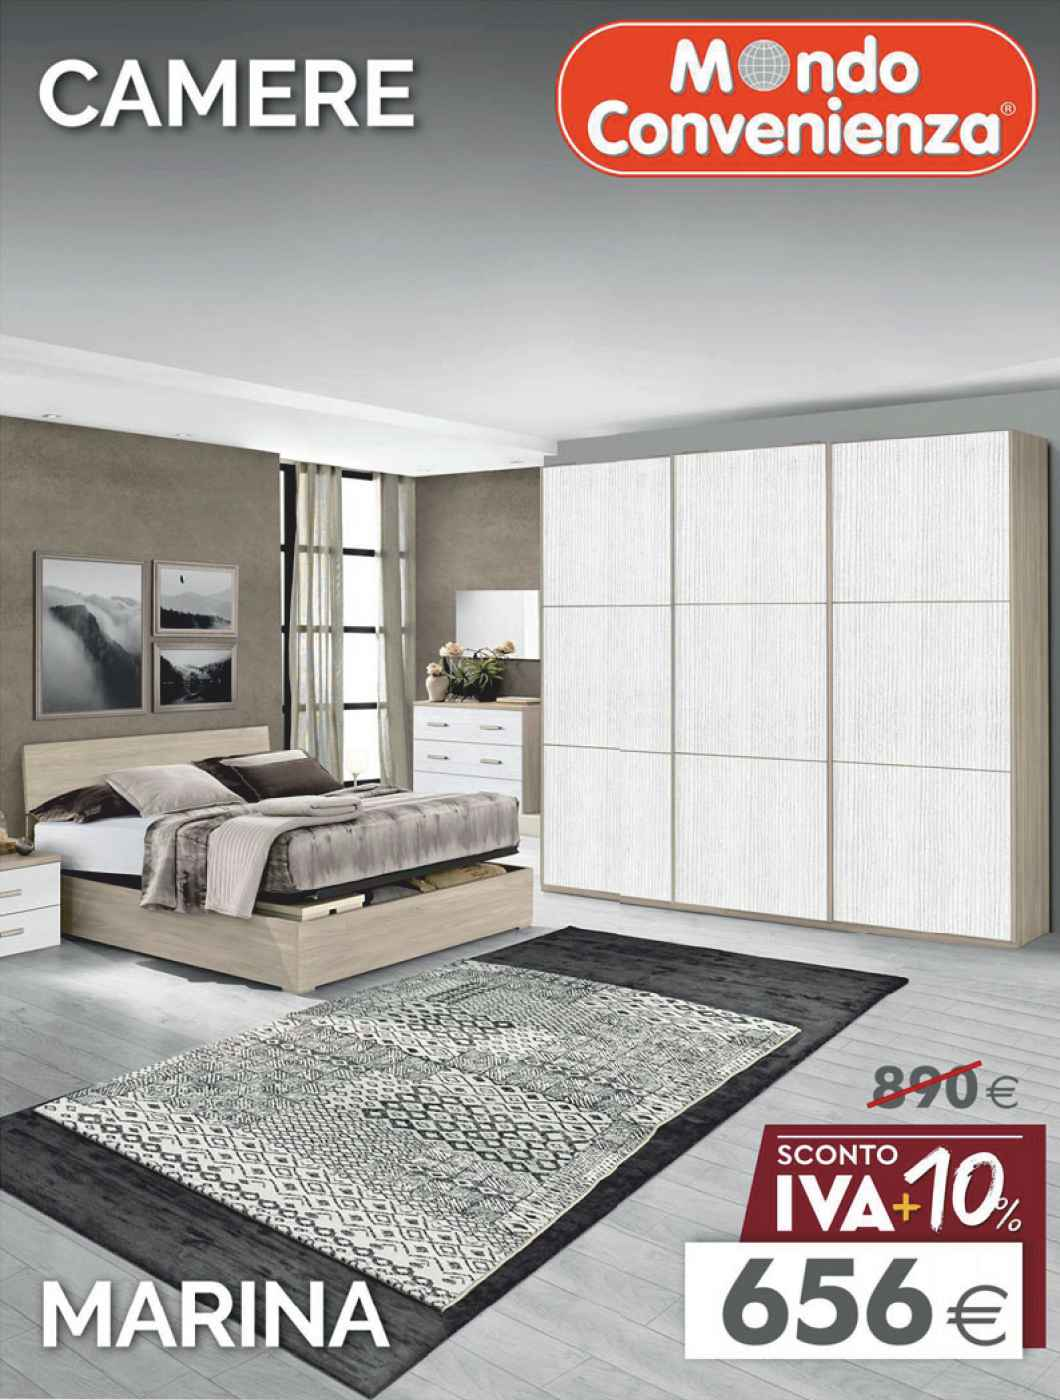 Mondo convenienza in vendita in arredamento e casalinghi: Catalogo Camere Inverno 2020